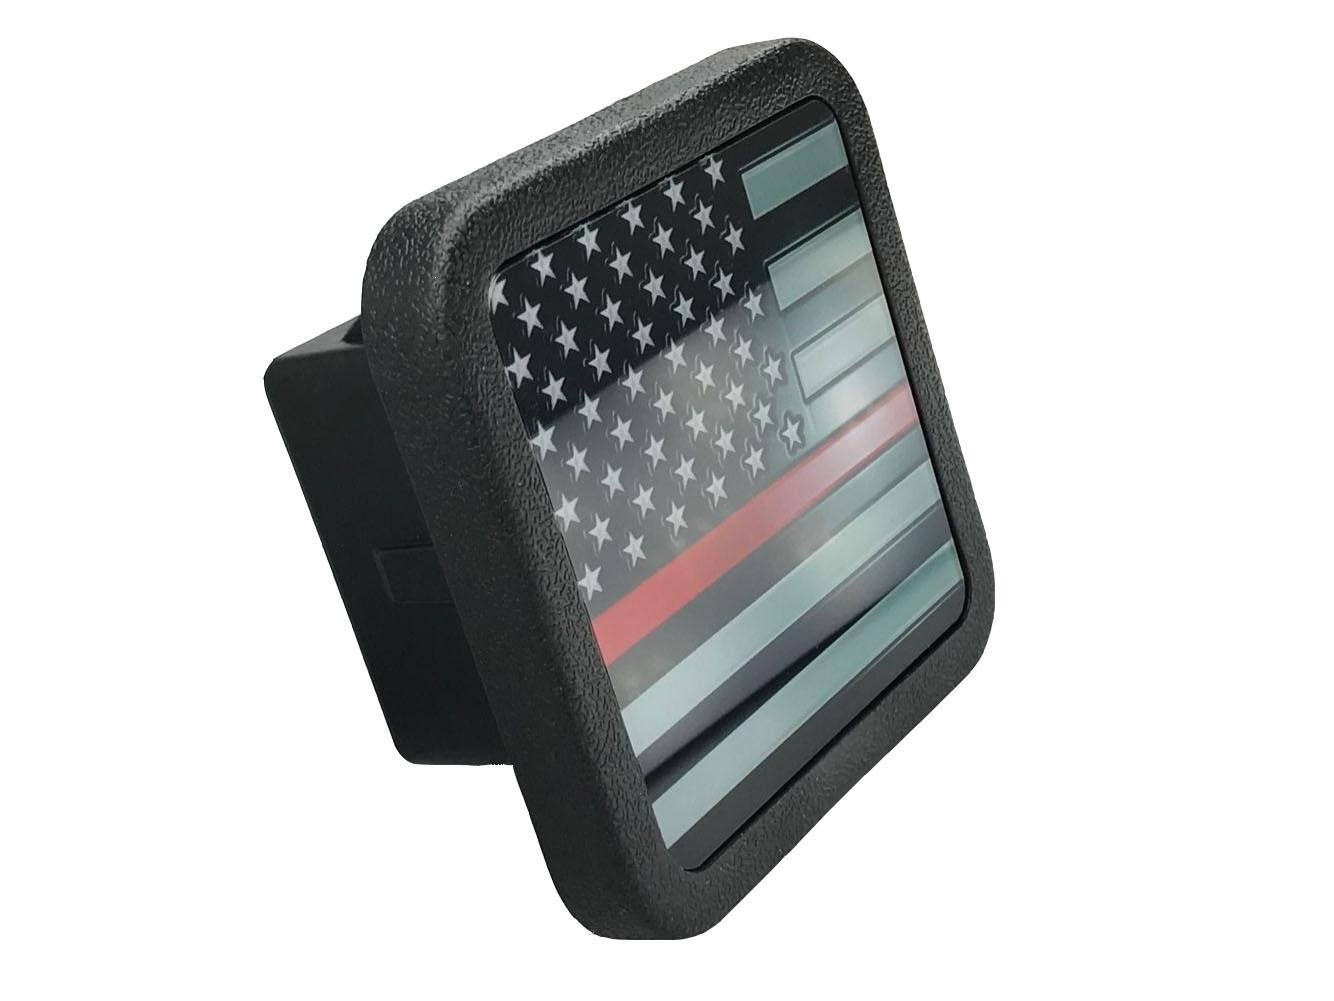 USA アメリカ国旗 トレーラー ヒッチカバー チューブプラグインサート (2インチのレシーバーに対応) B06XHGWZ6B ブラック&ホワイト ブラック&ホワイト